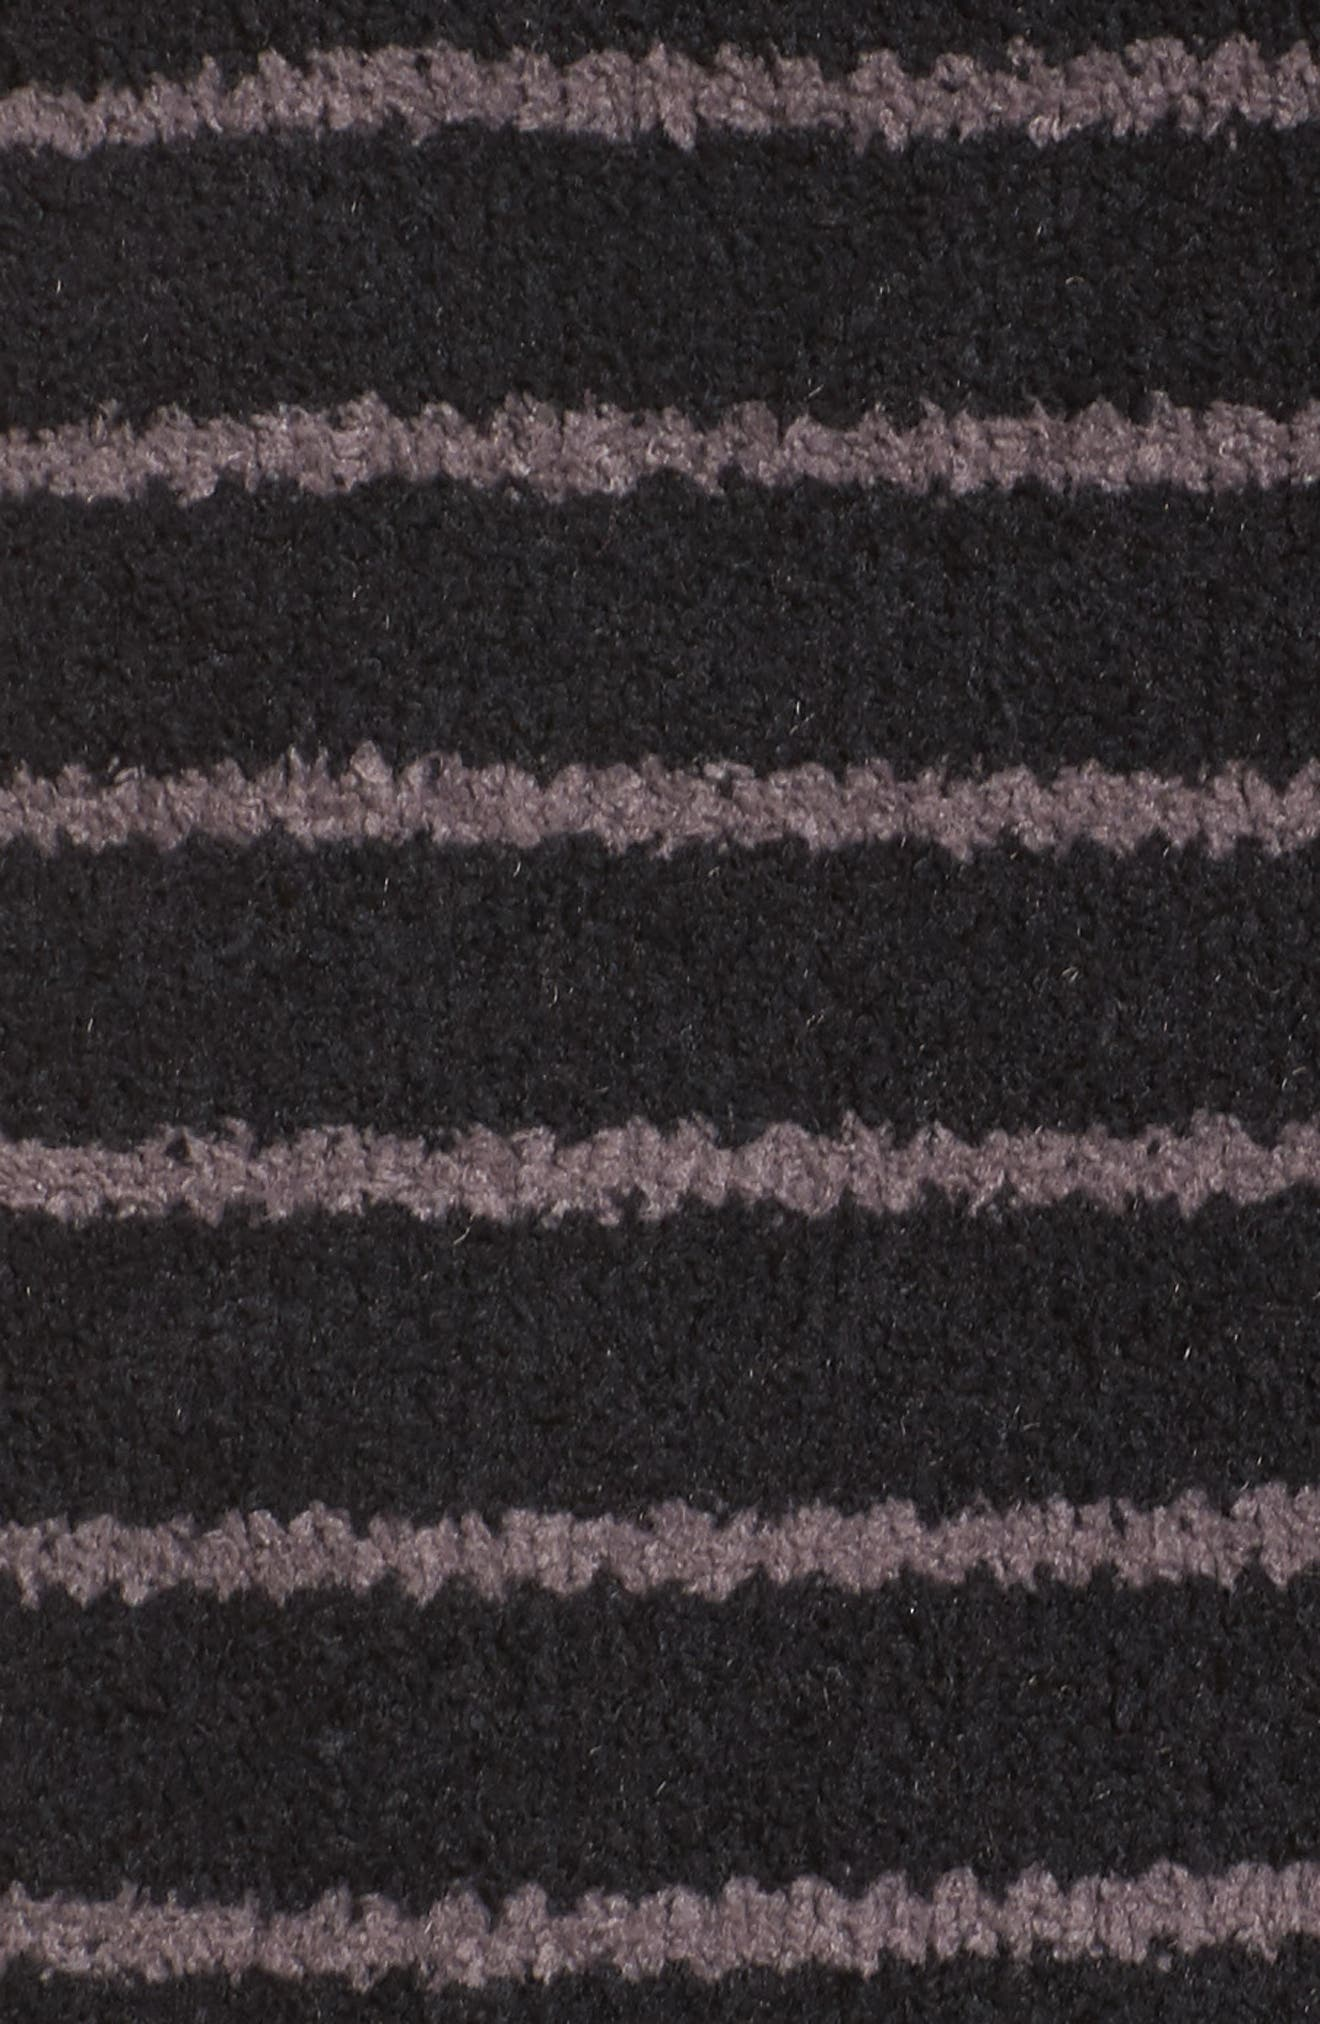 Marshmallow Lounge Shorts,                             Alternate thumbnail 5, color,                             001